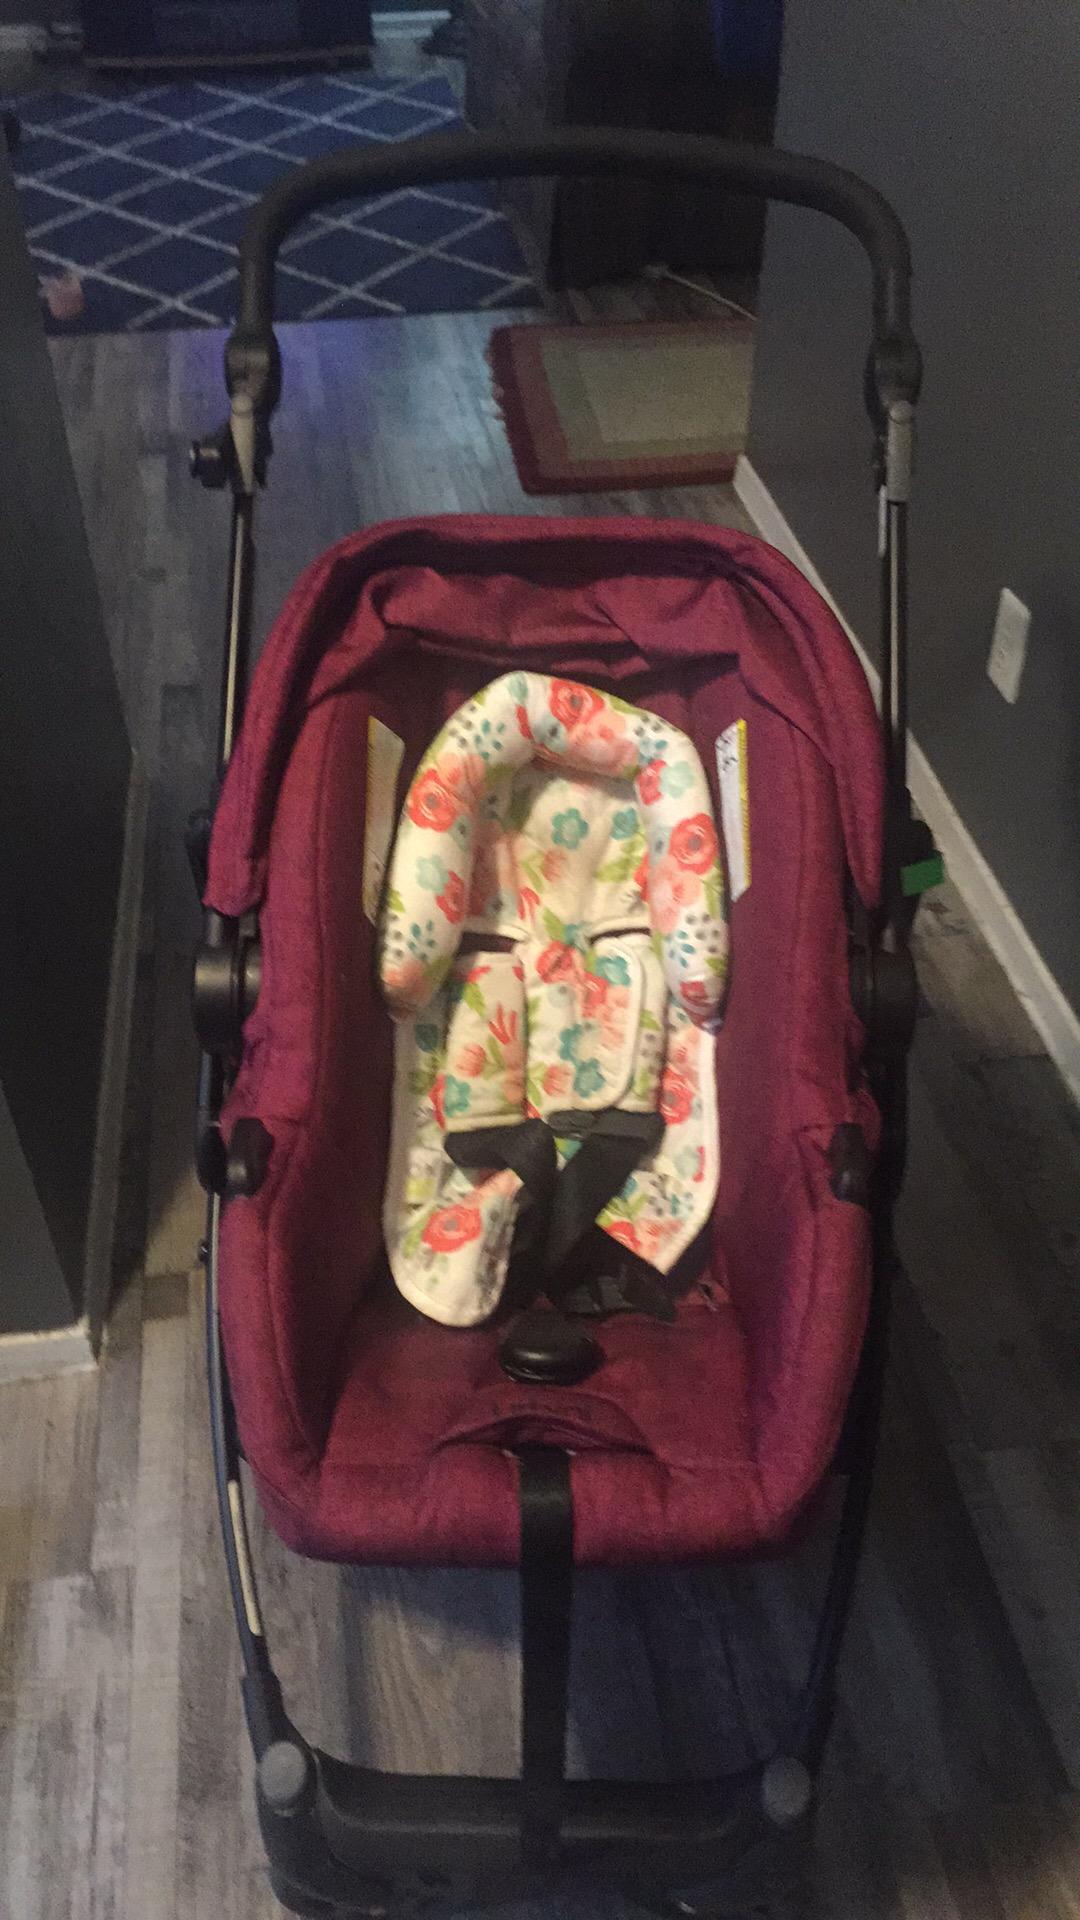 Urbini car seat/stroller